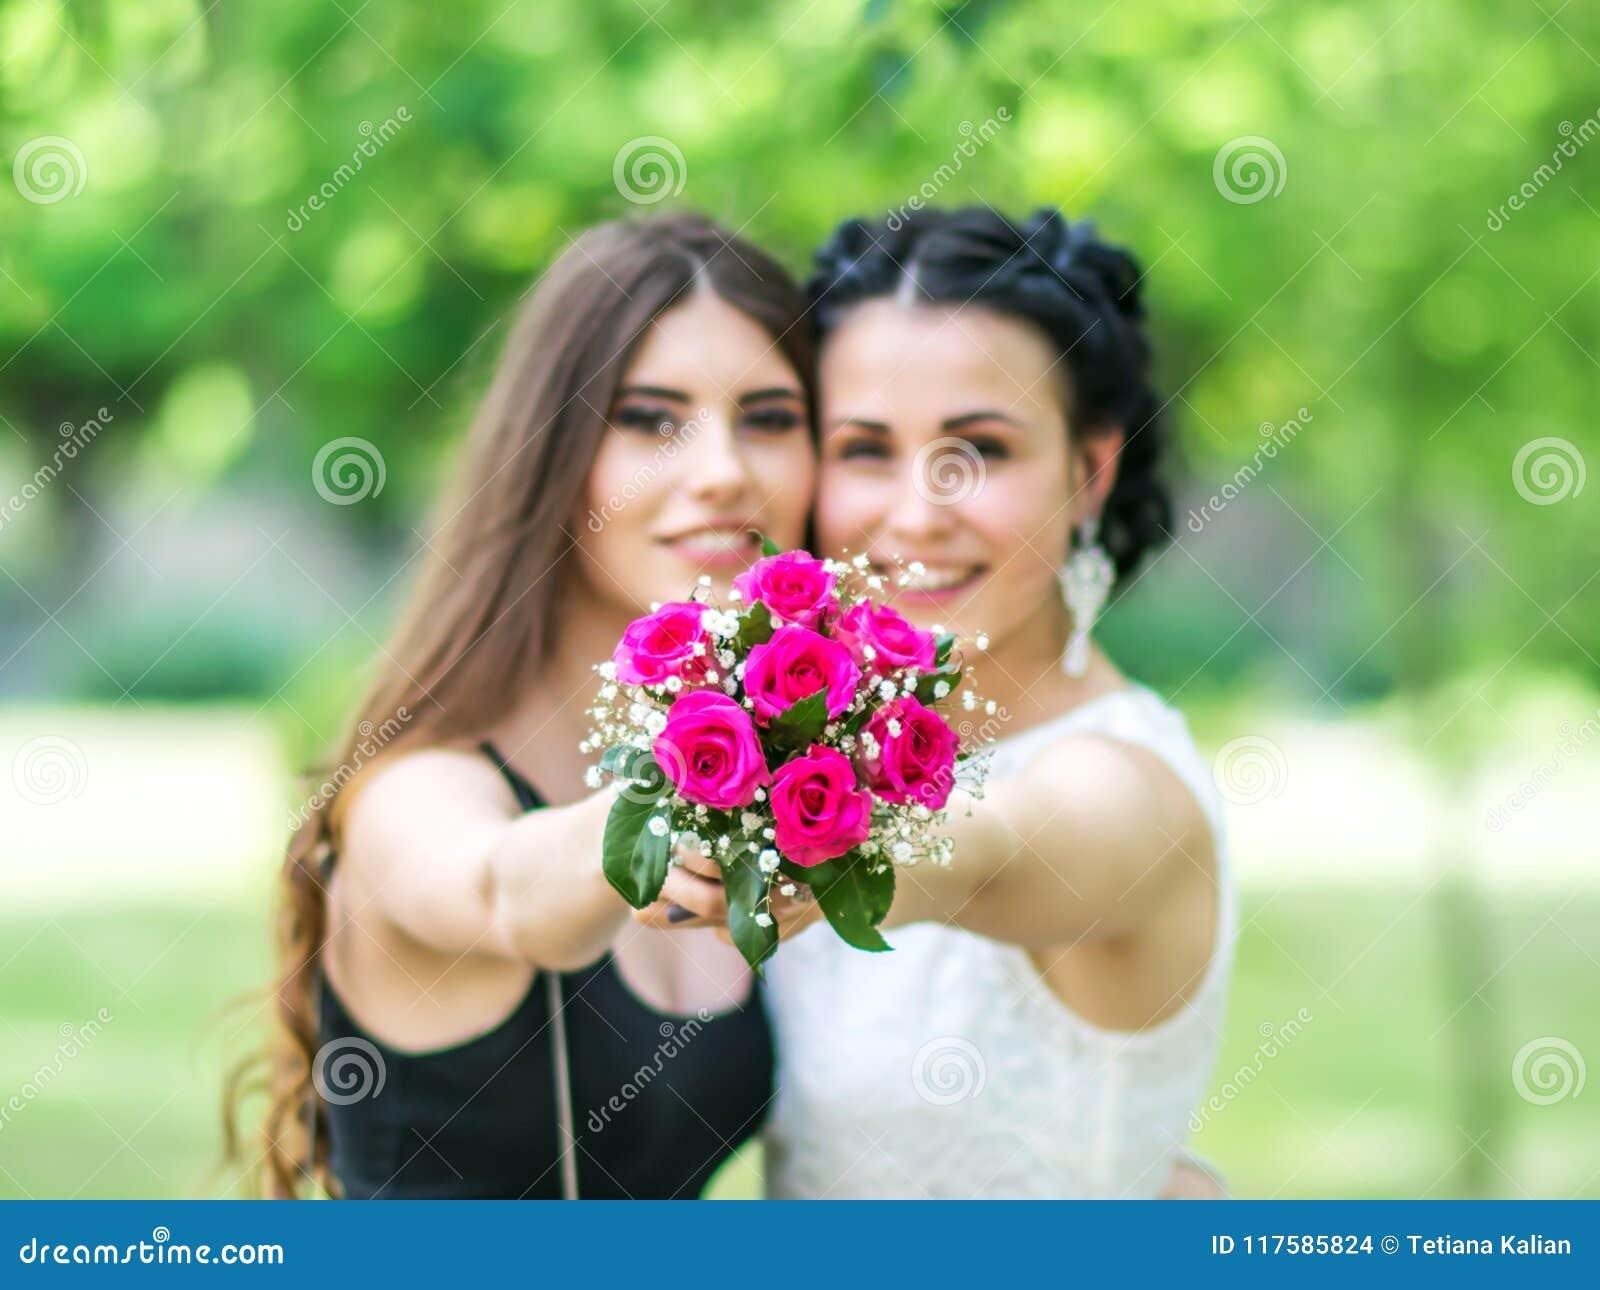 Defocused Porträt von zwei schönen jungen Frauen, die Hochzeitsblumenstrauß zusammenhalten und in Kamera grünem Park betrachten B